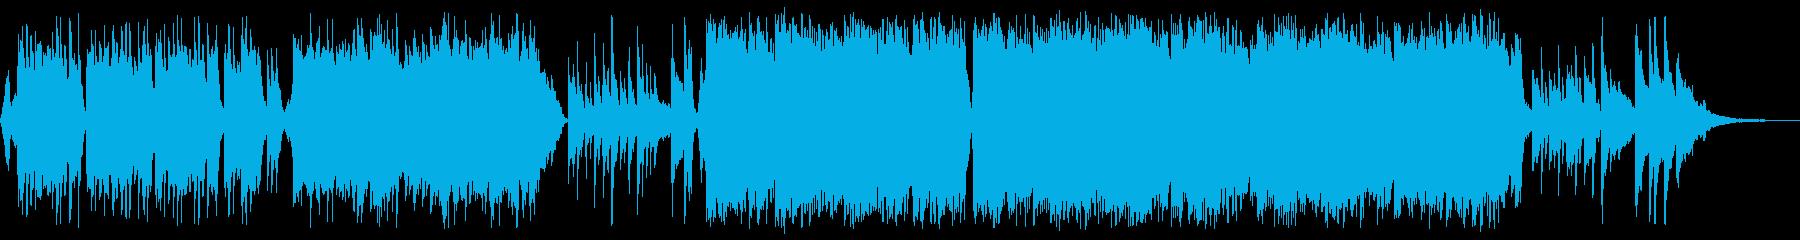 感動的な琴とチェロの和風バラードbの再生済みの波形